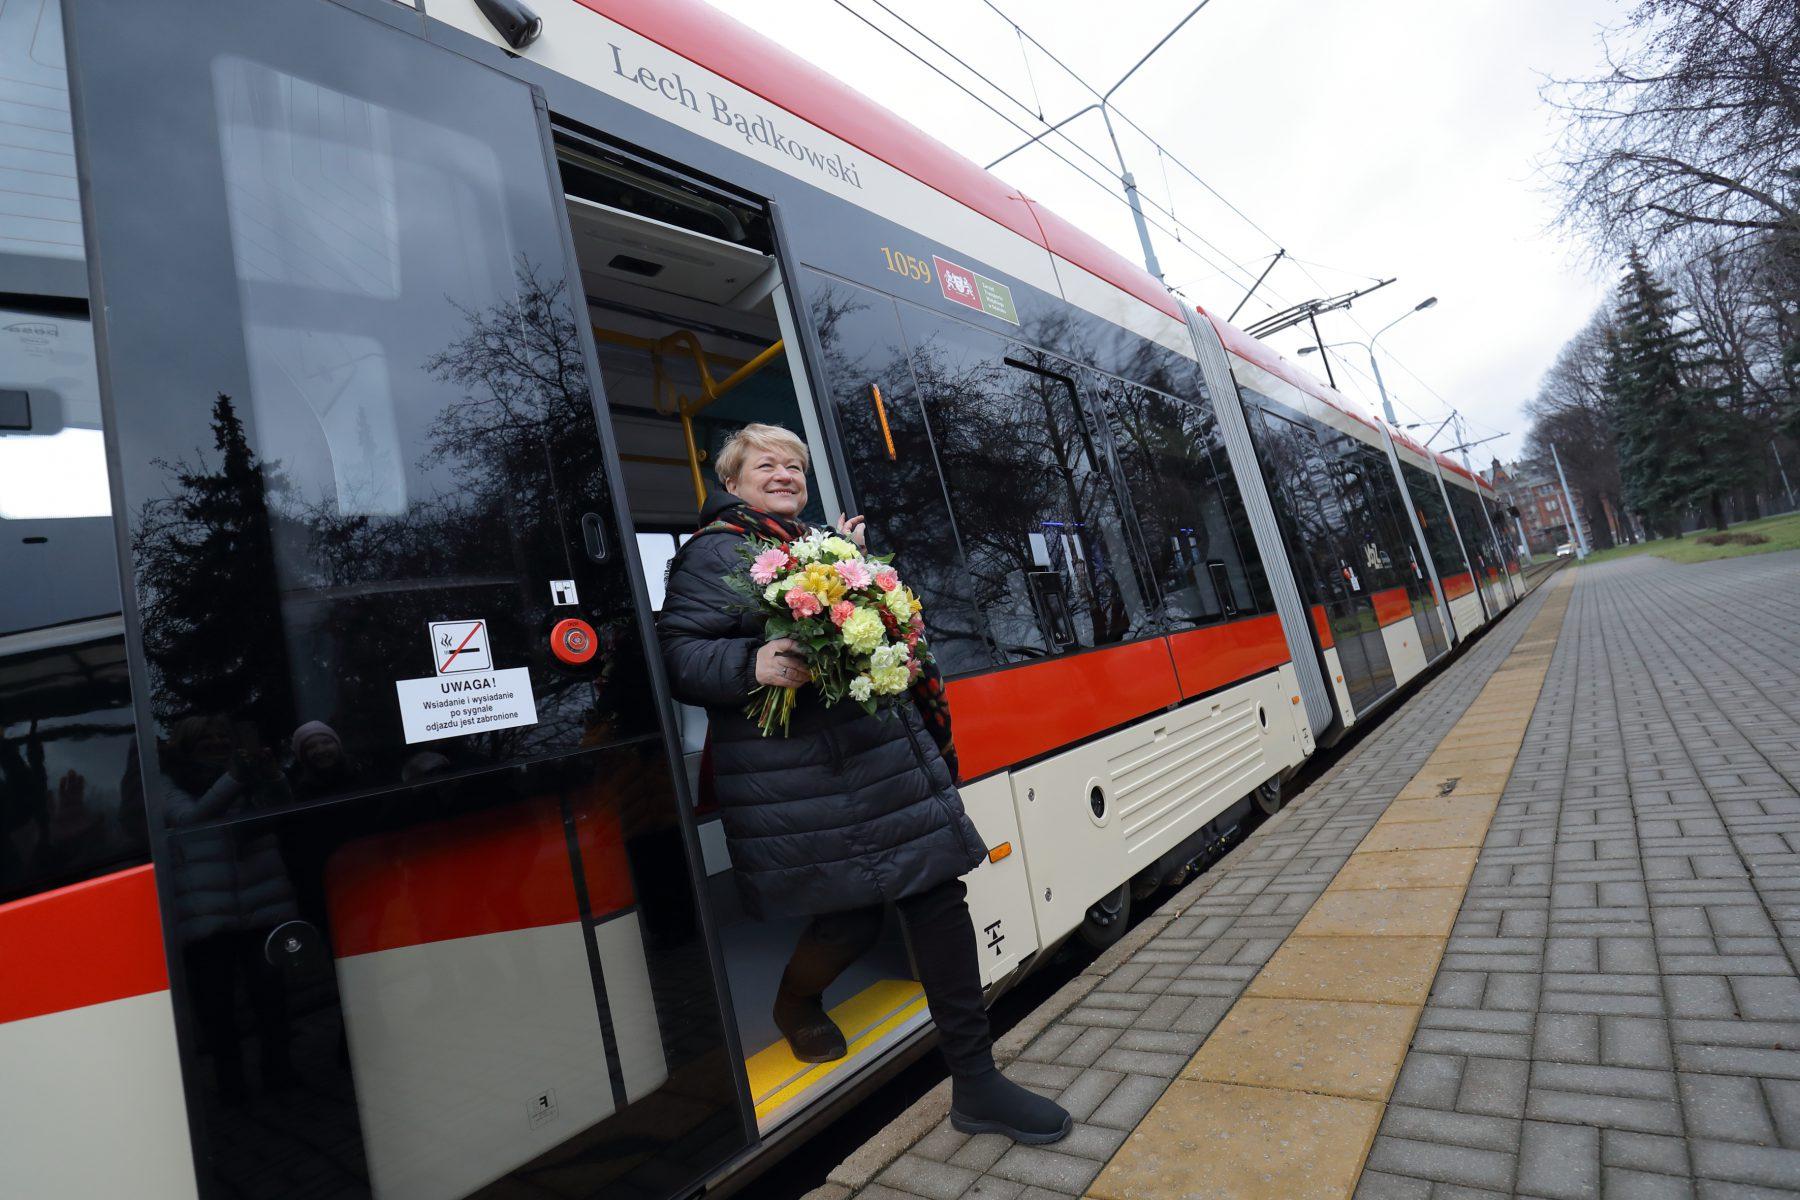 Nz. Sławina Kosmulska Nadanie tramwajowi imienia Lecha Bądkowskiego Grzegorz Mehring / www.gdansk.pl